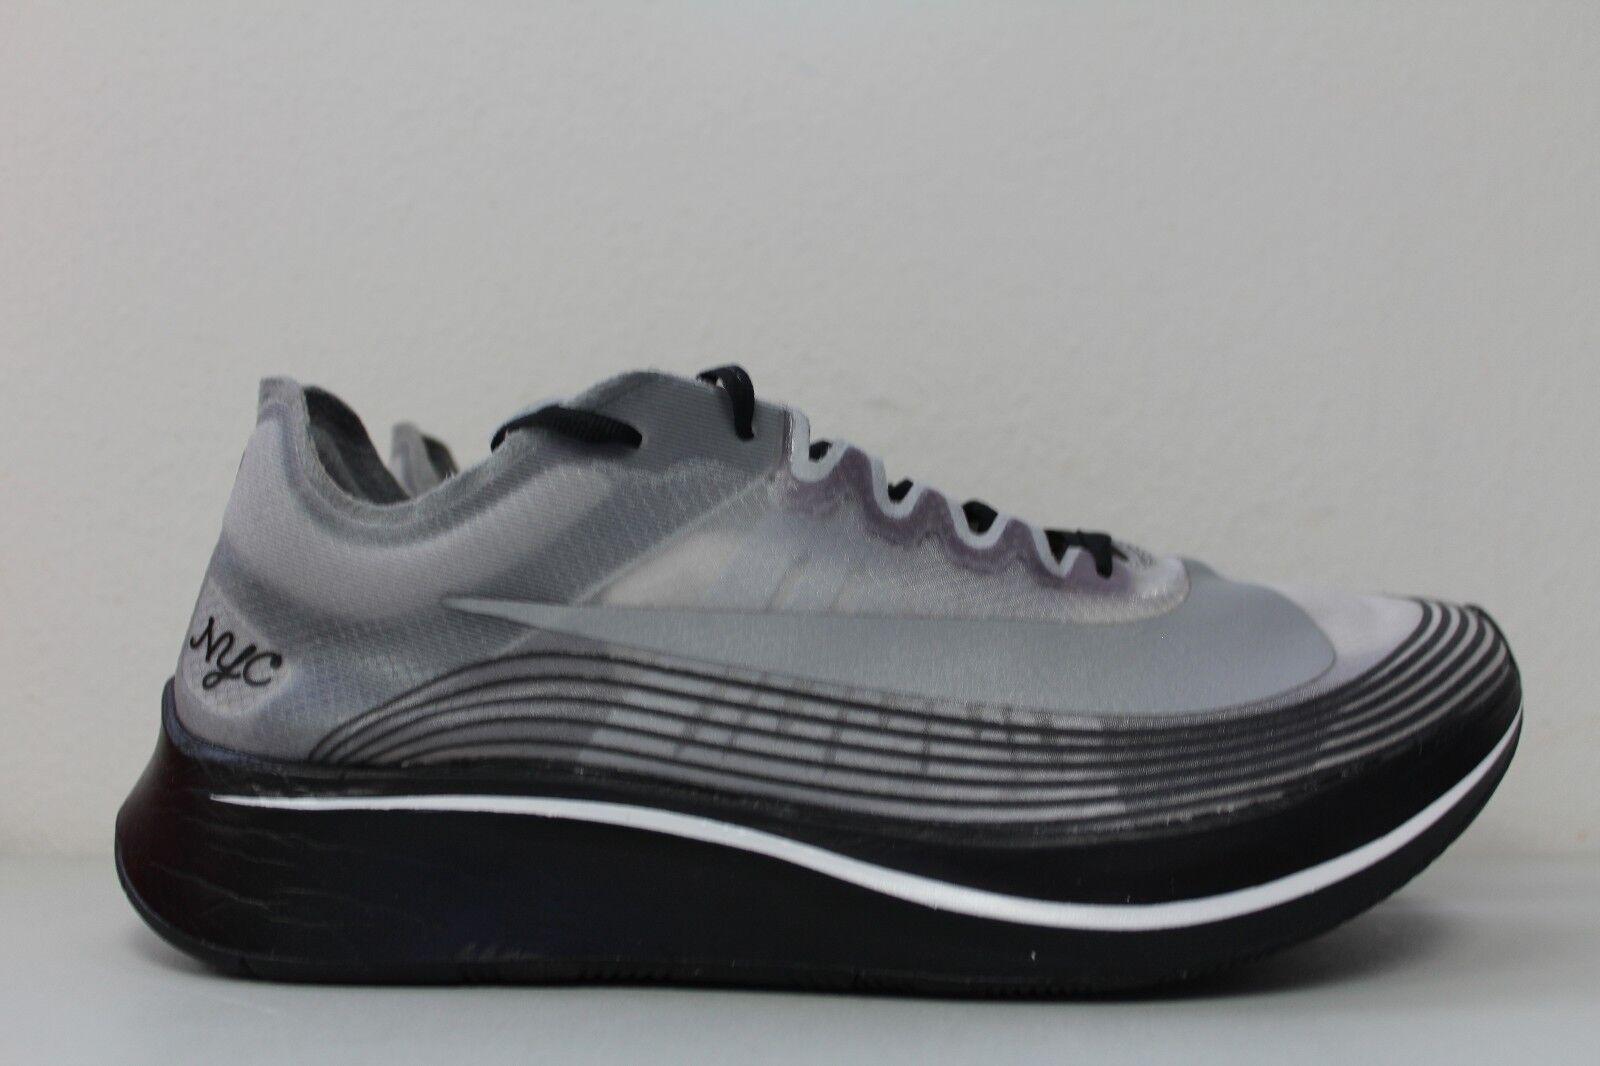 Nike Zoom nikelab negro volar SP NYC New York Marathon negro nikelab blanco ah5088 001 comodo el modelo mas vendido de la marca 45d176